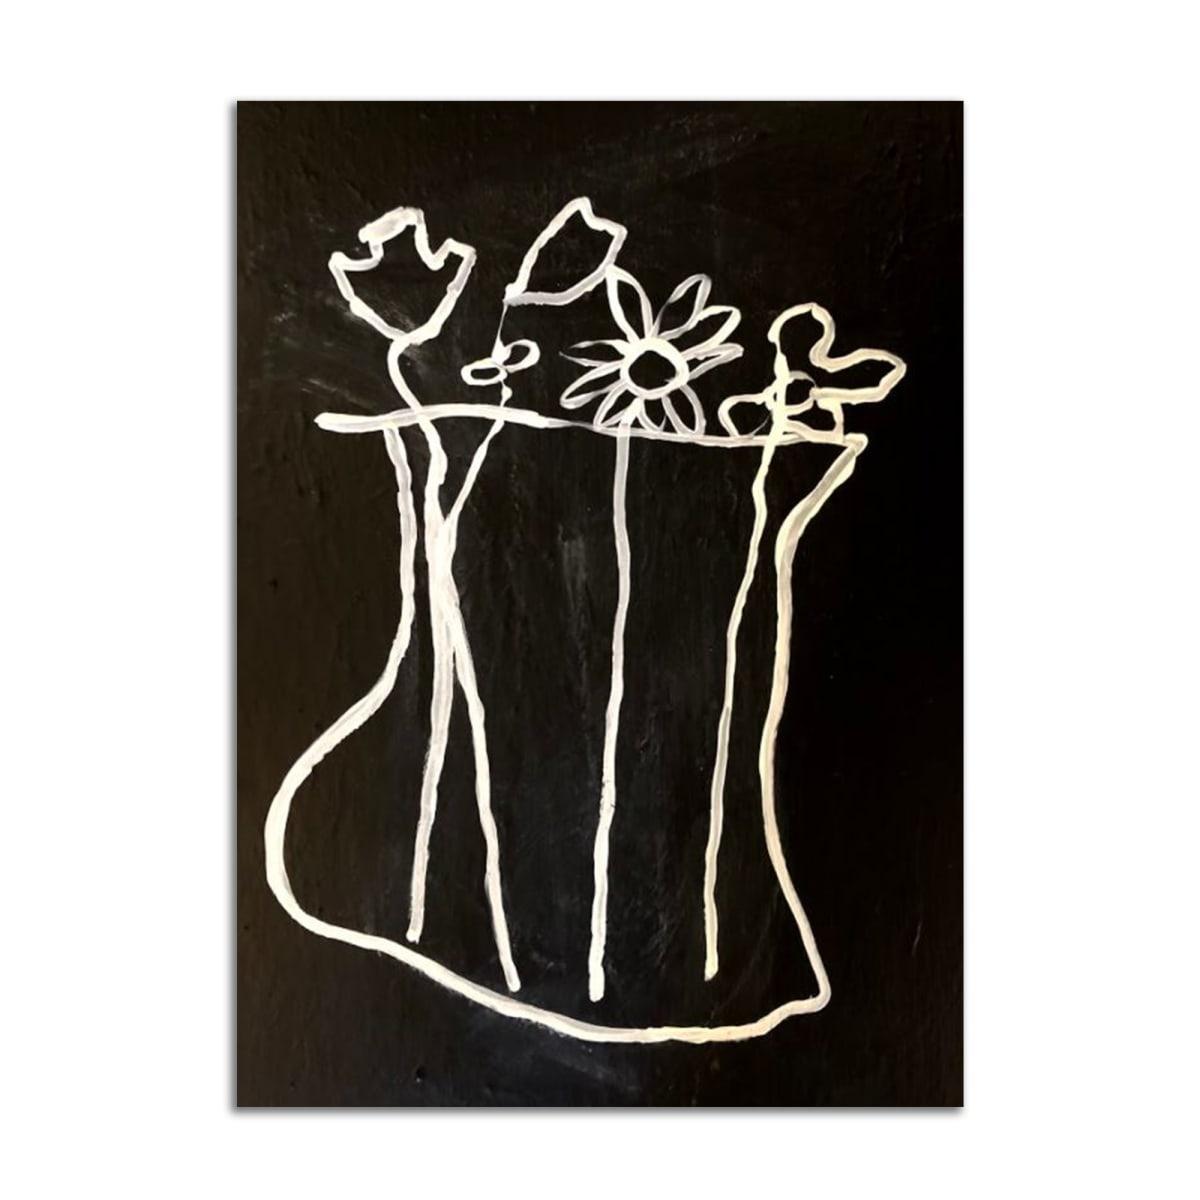 Sidewalk Bouquet by Rosie Winstead